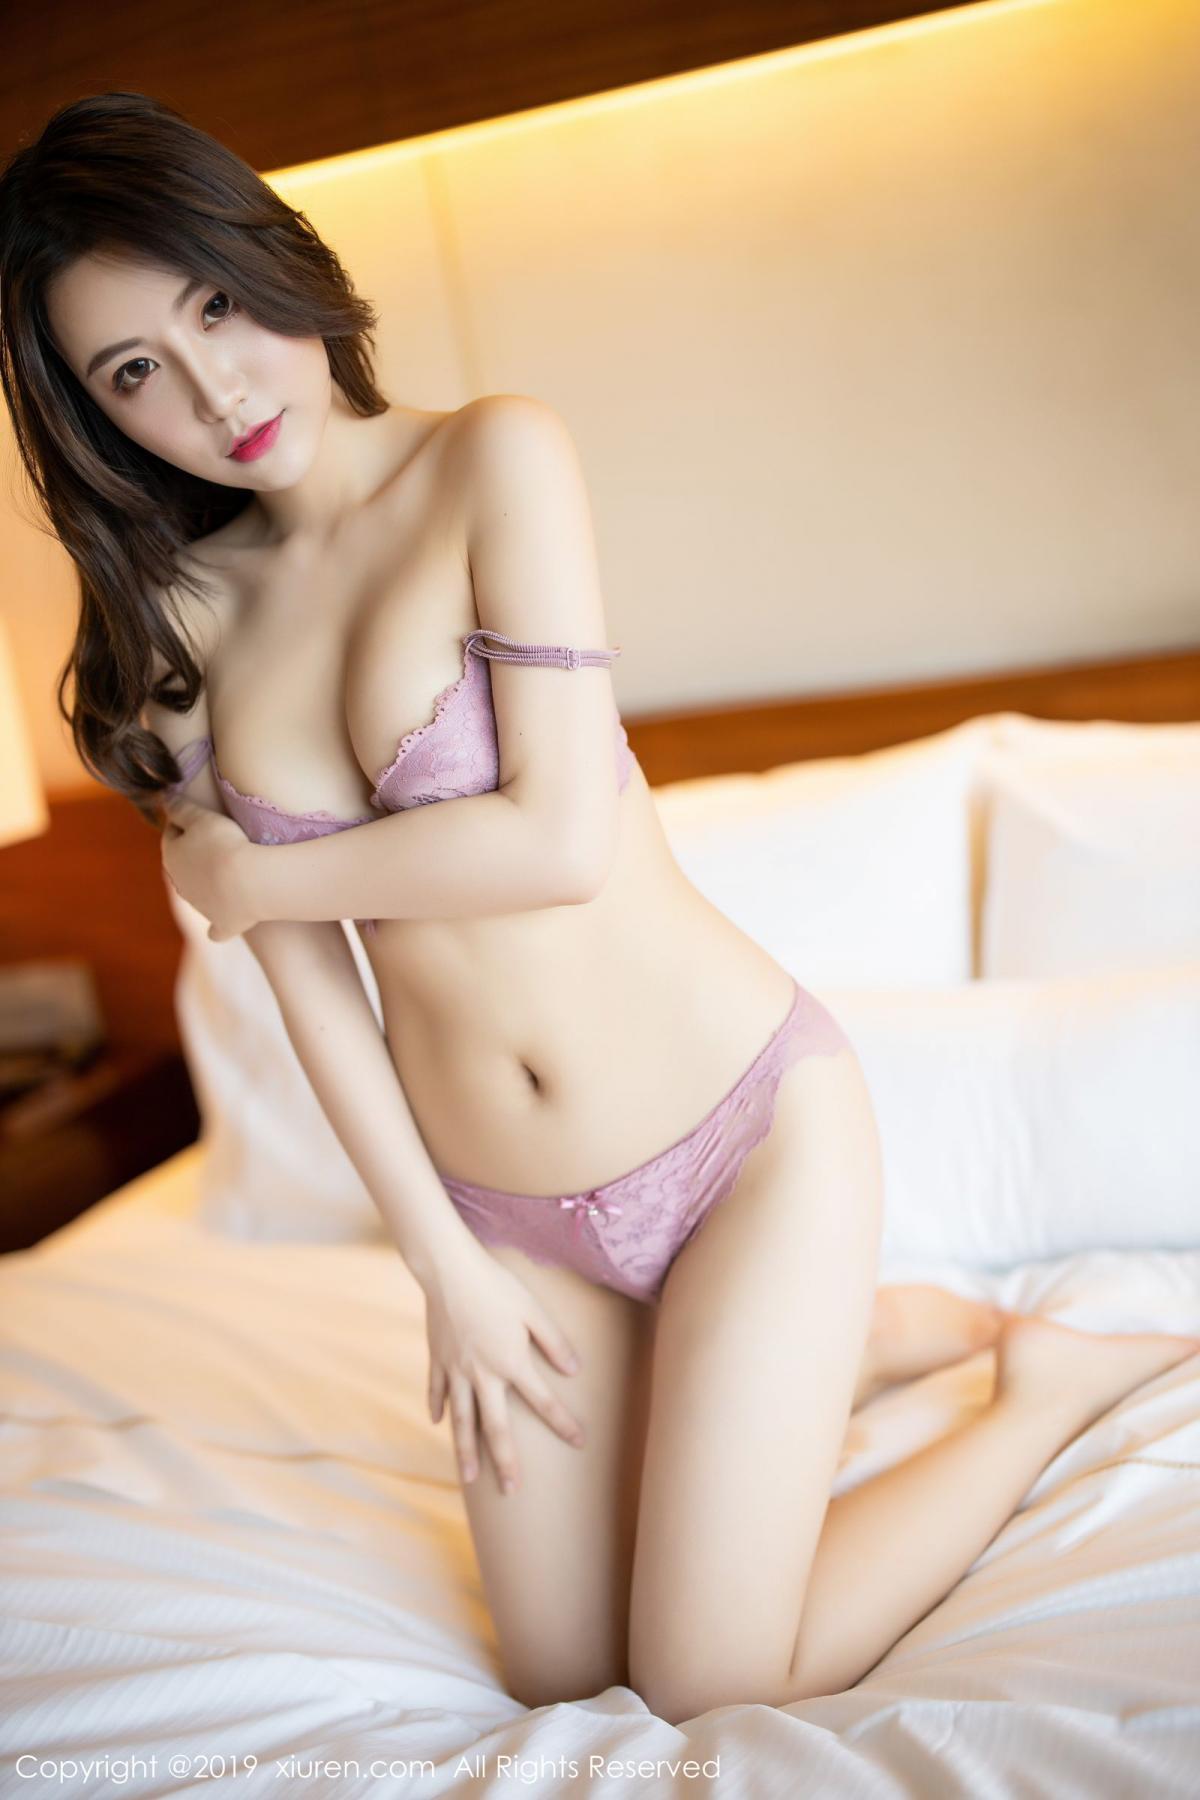 [XiaoYu] Vol.1697 Xie Zhi Xin 58P, Home, Sexy, XiaoYu, Xie Zhi Xin